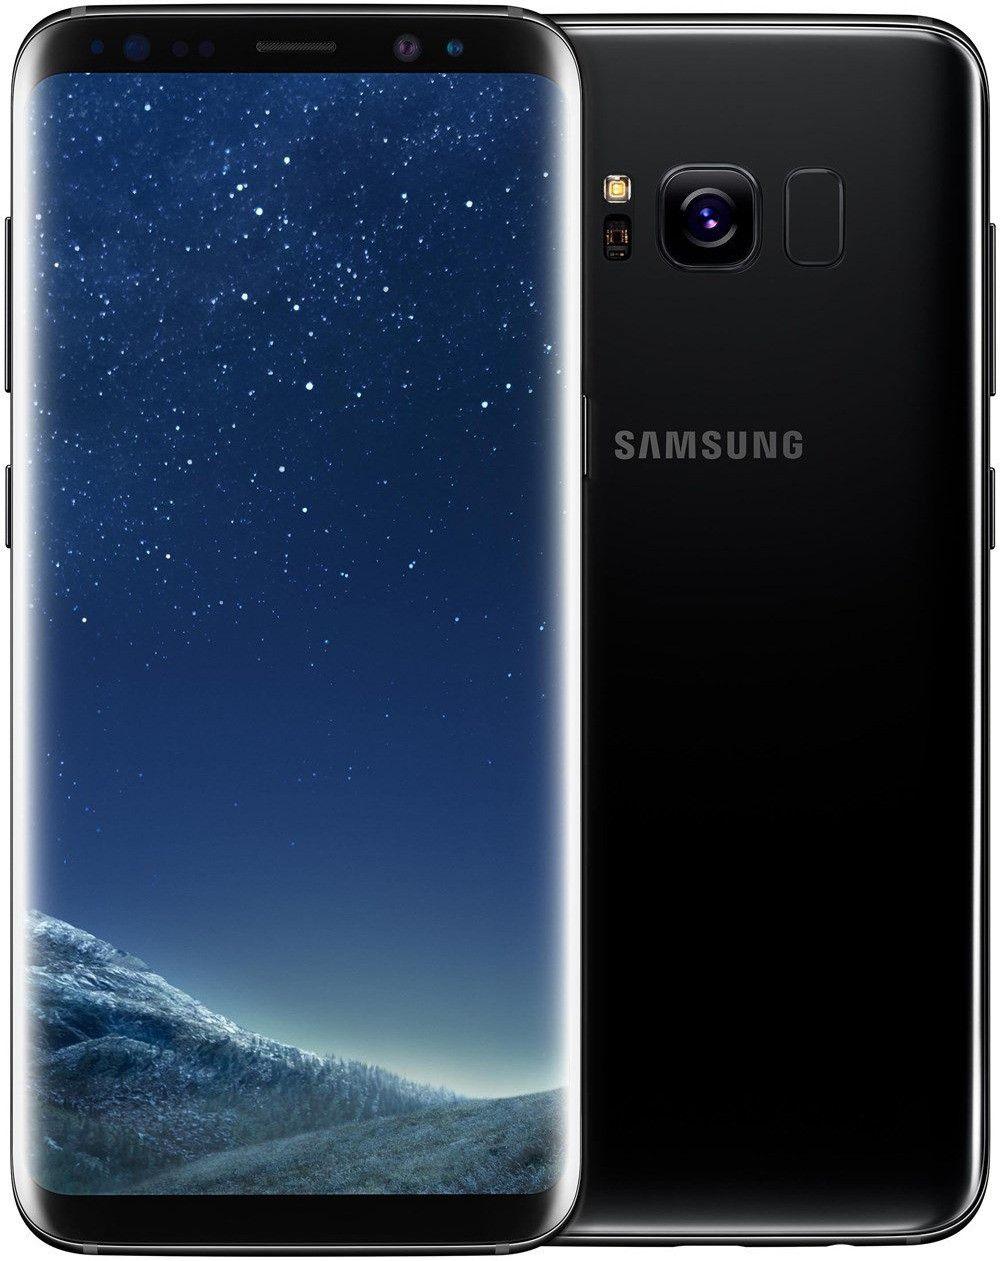 Samsung Galaxy S8 64GB in allen Farben verfügbar